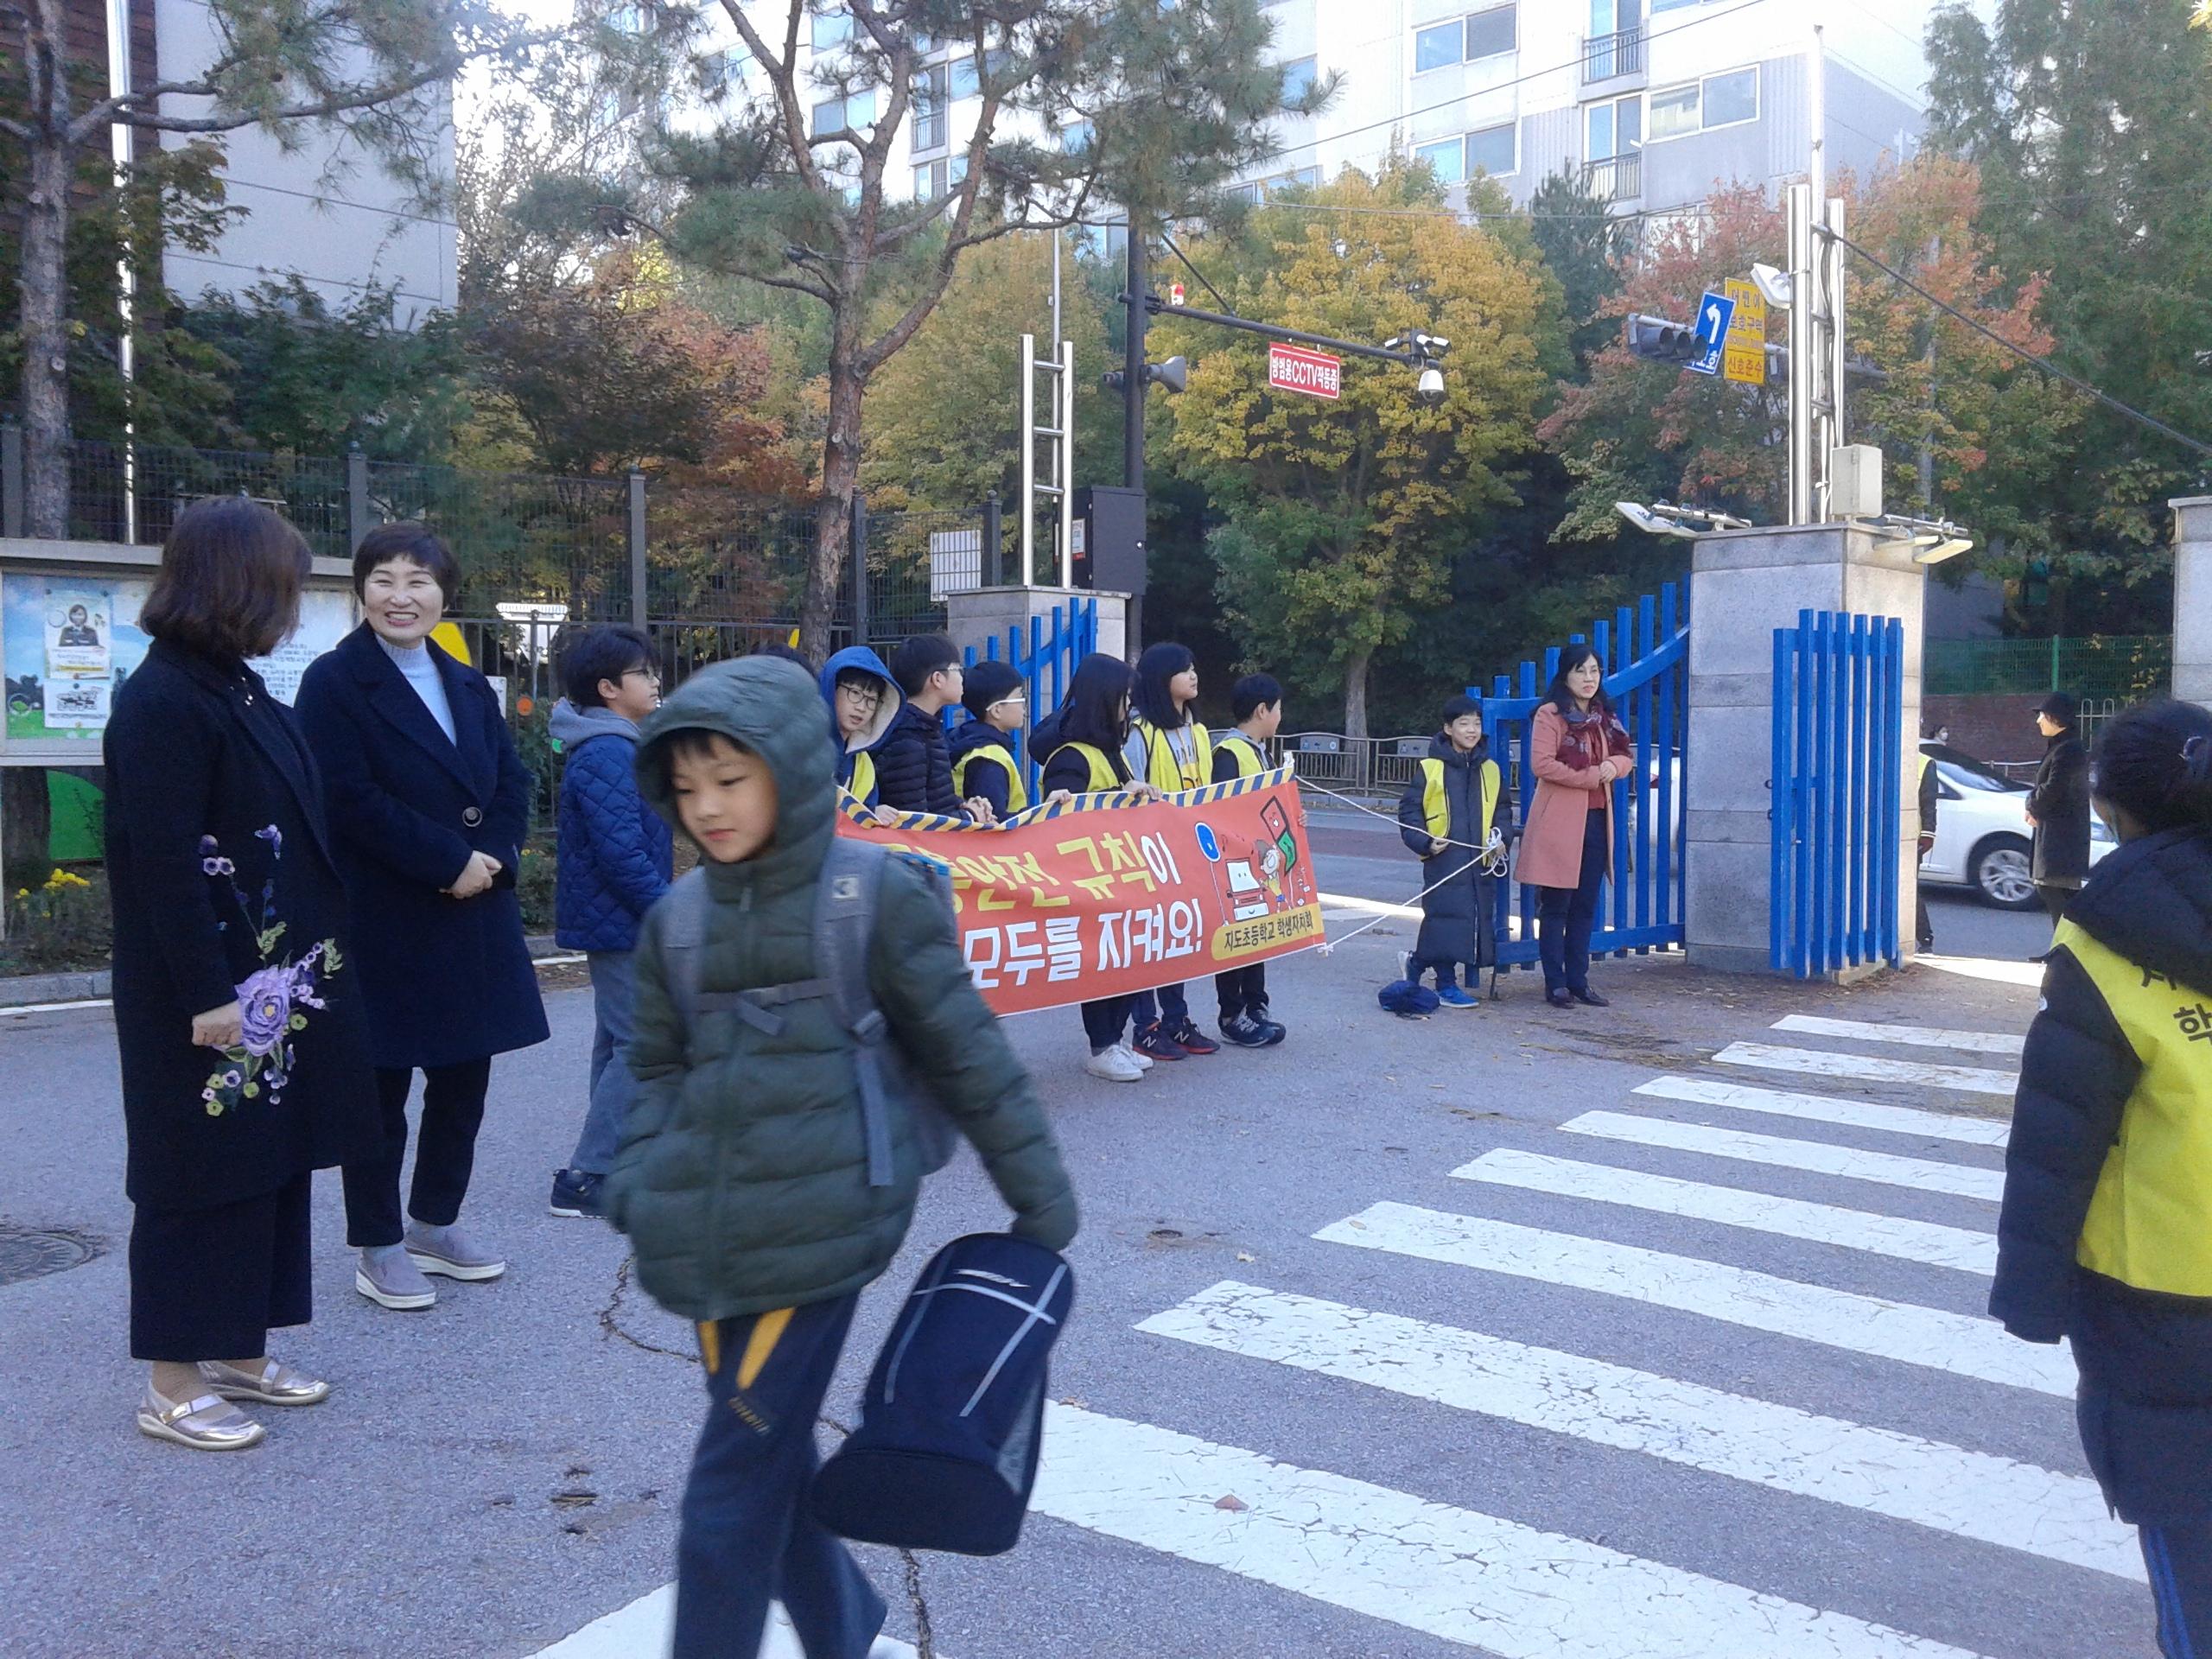 [일반] 전교학생자치회 5학년 2학기 캠페인의 첨부이미지 5